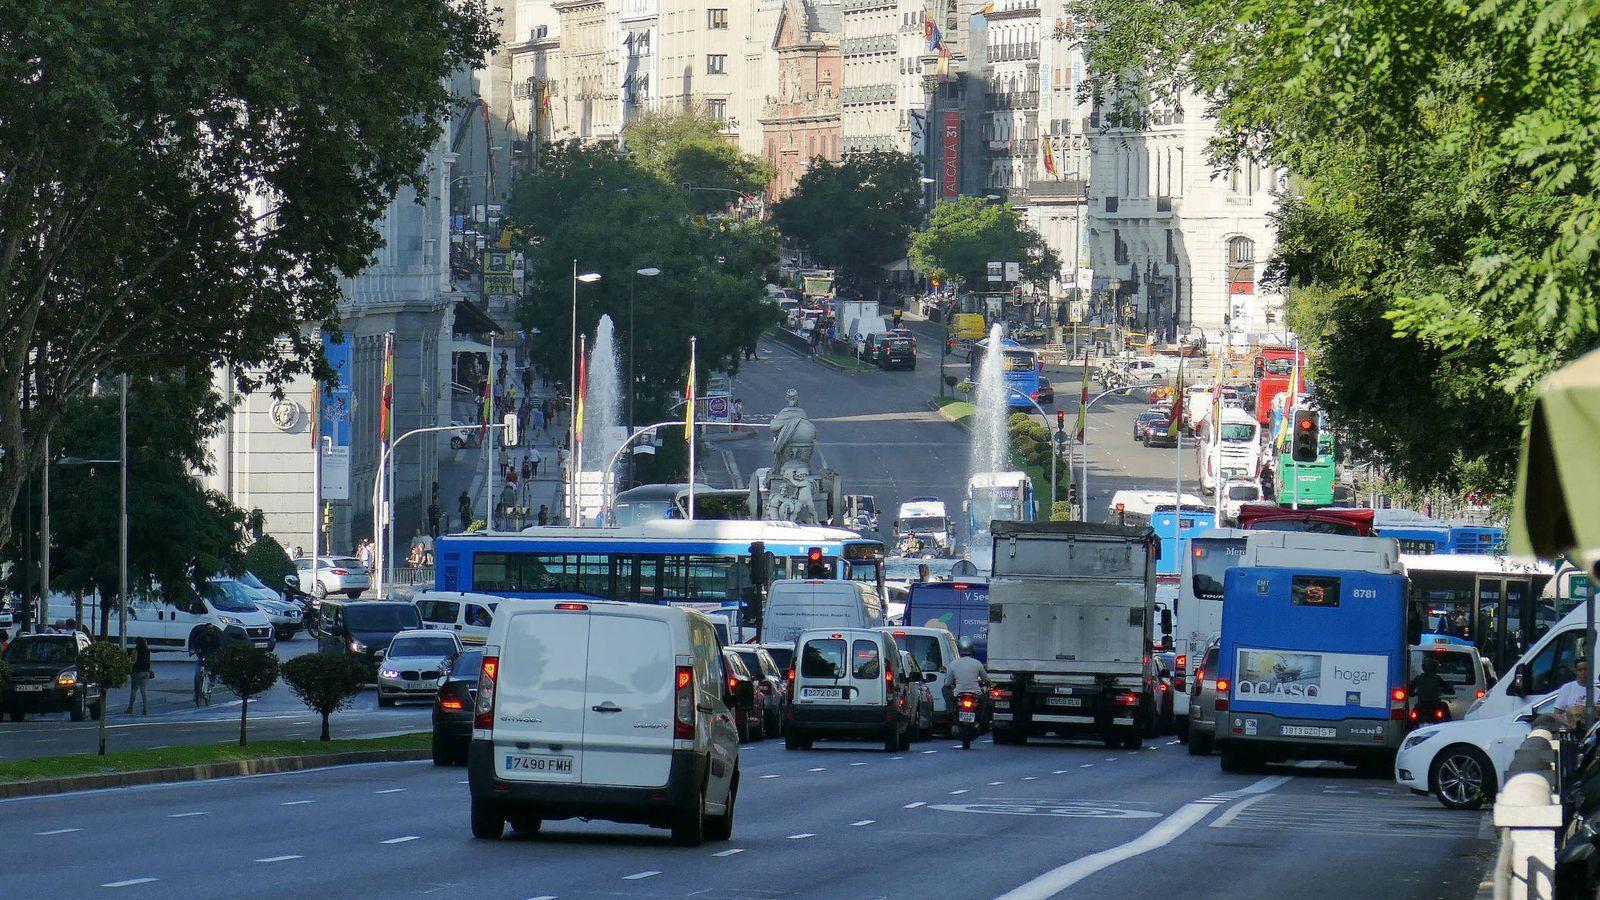 Foto: El exceso de velocidad en las ciudades es una de las principales cuestiones que se pretende evitar.